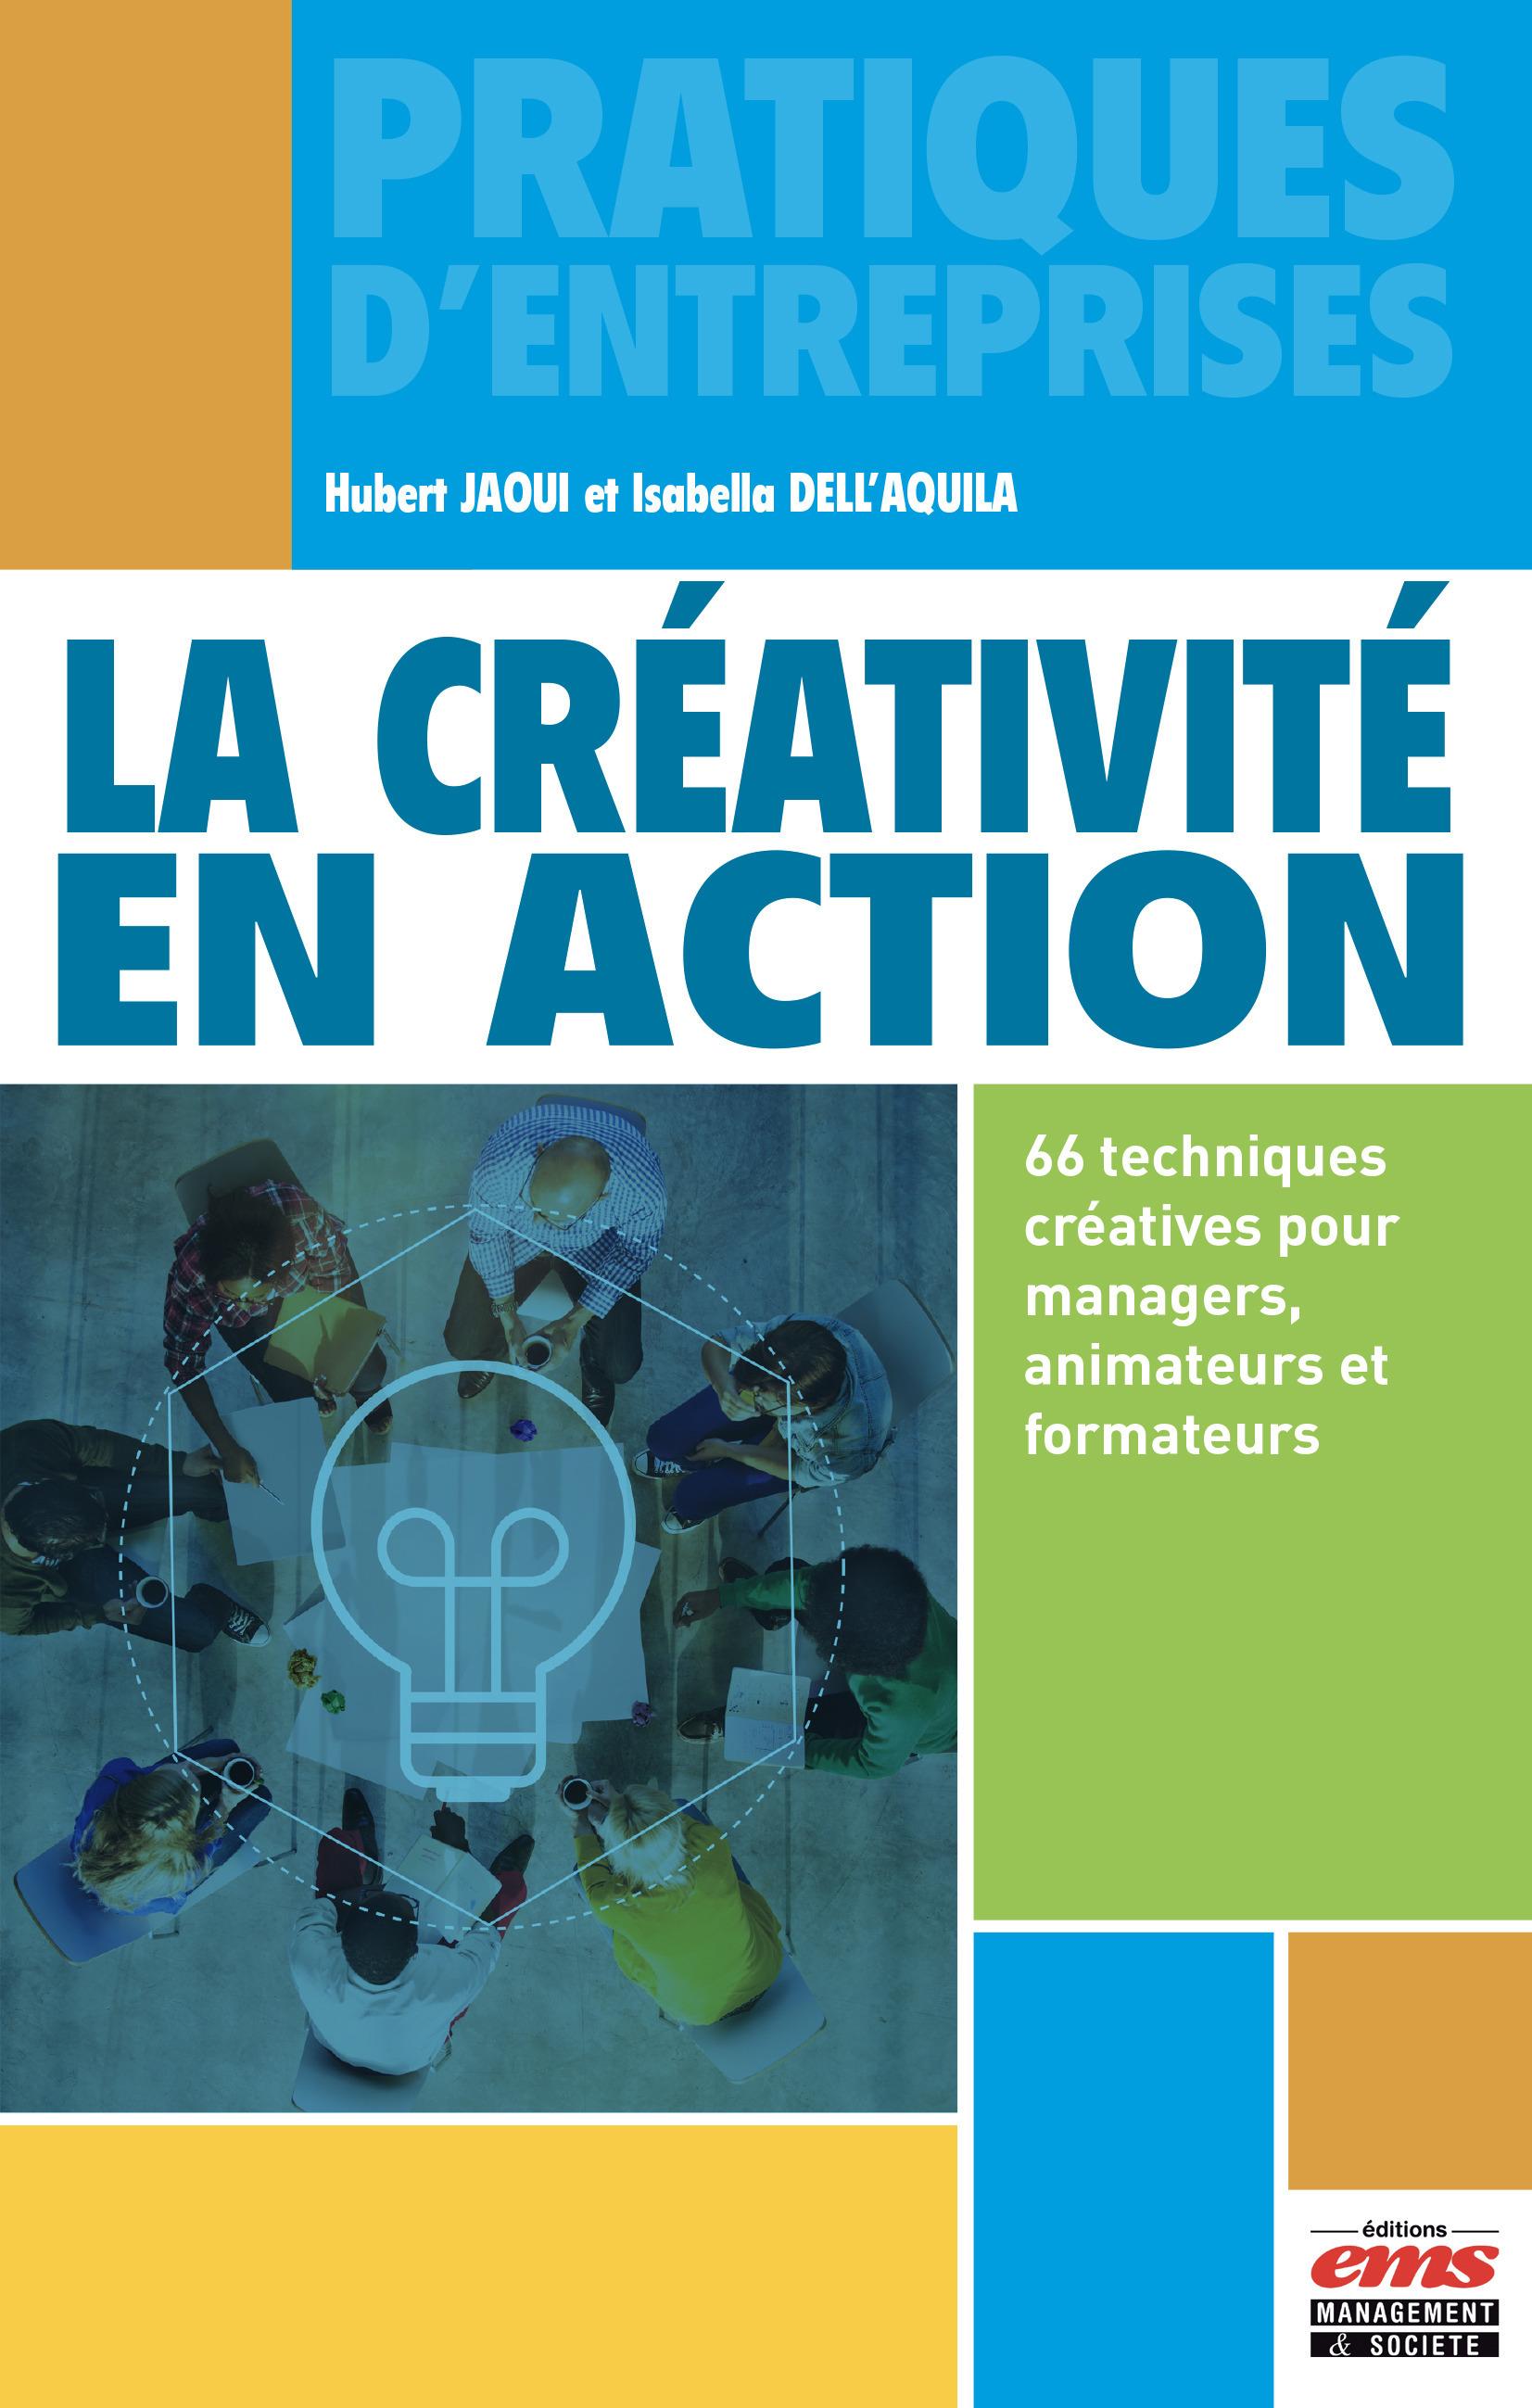 La créativité en action : 66 techniques créatives pour managers, animateurs et formateurs